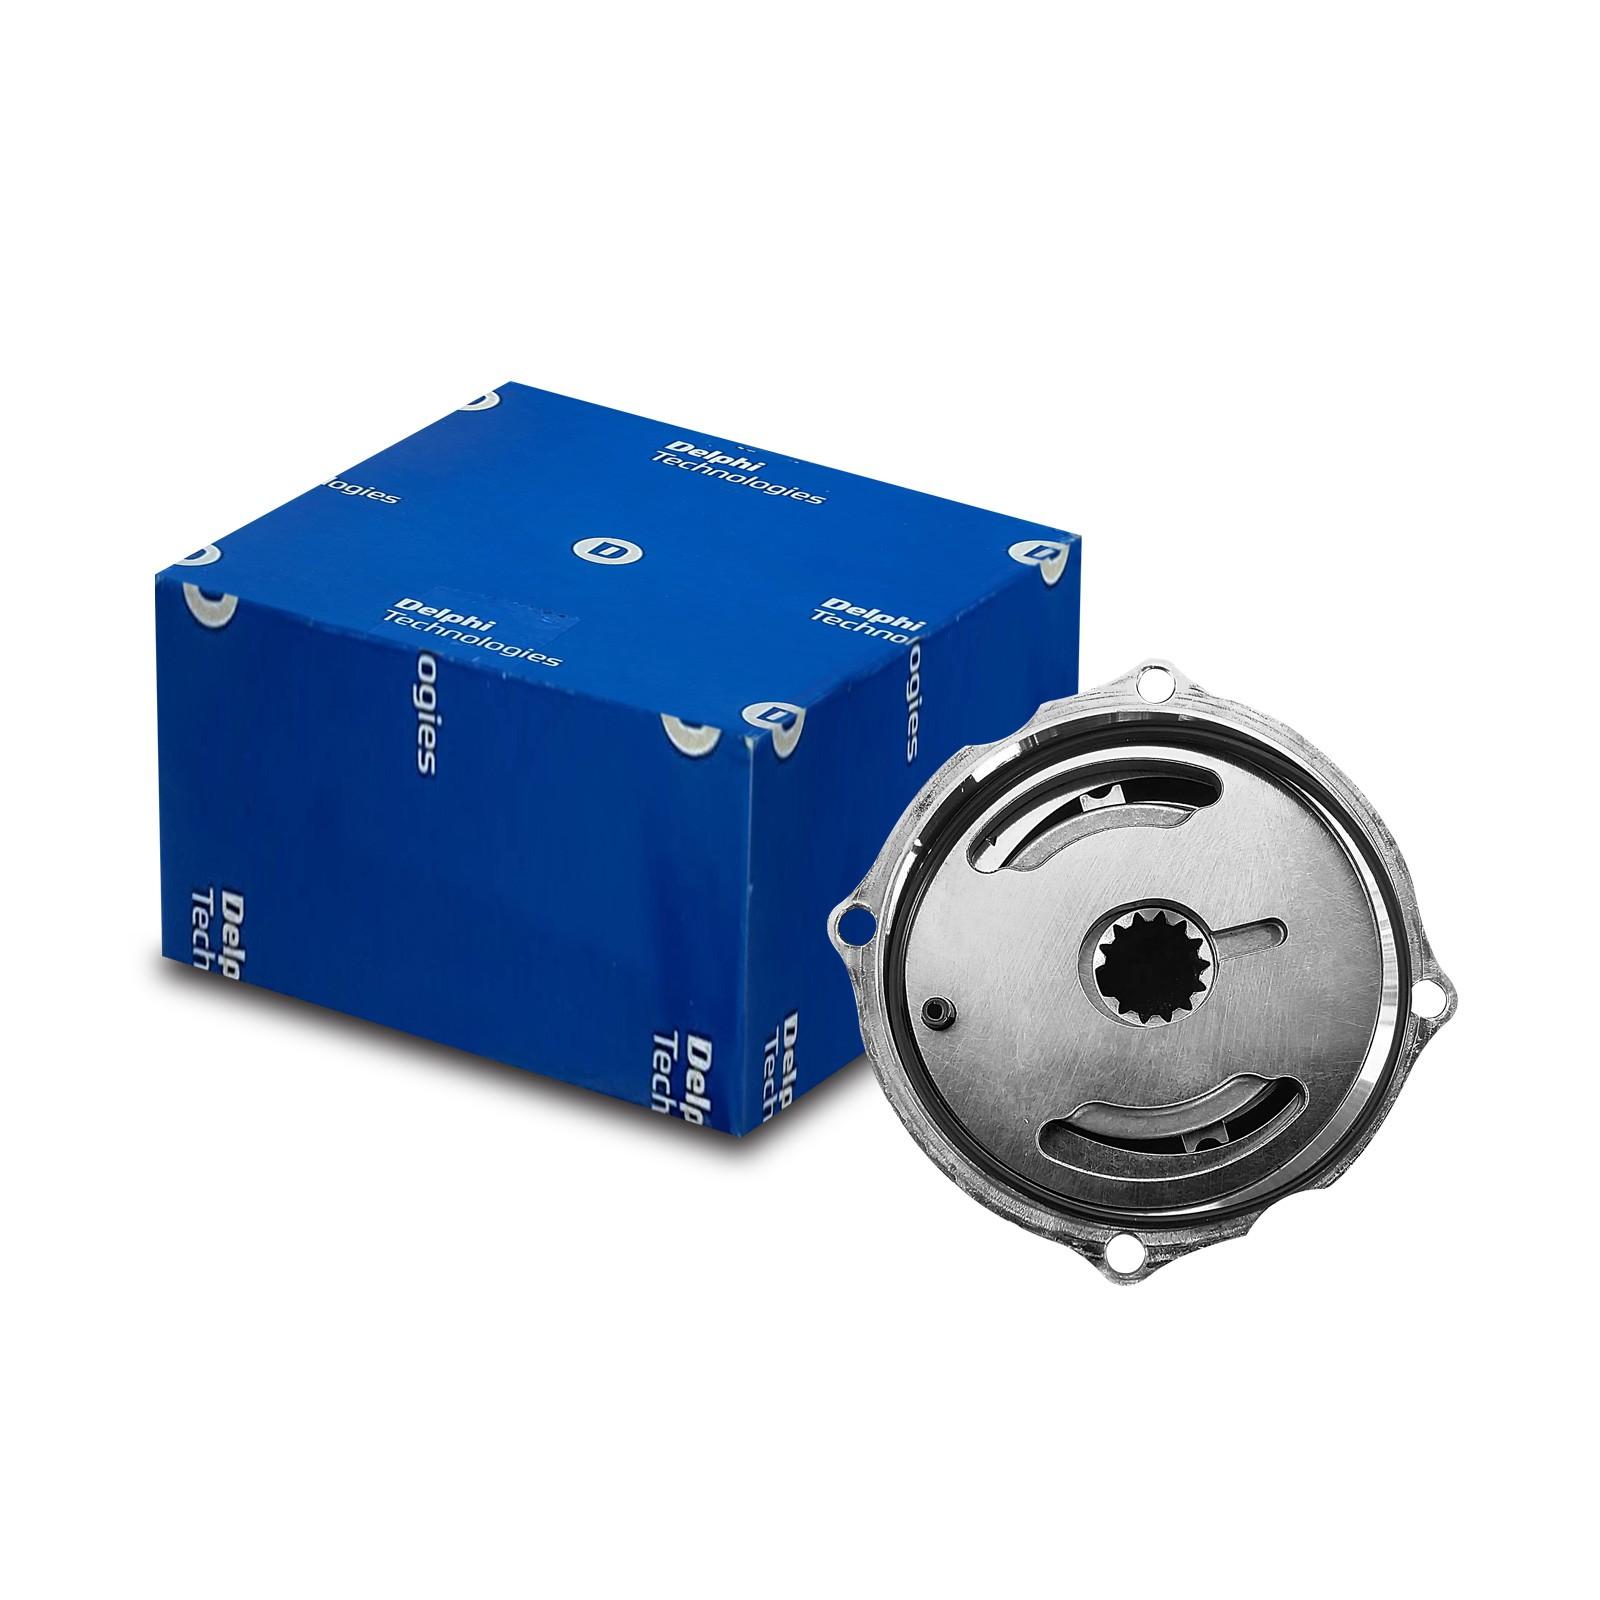 Bomba Transferência Palhetas Bongo K2500 TCI 2.5 16v Euro 5  13 Dentes Ano 2012 a 2020